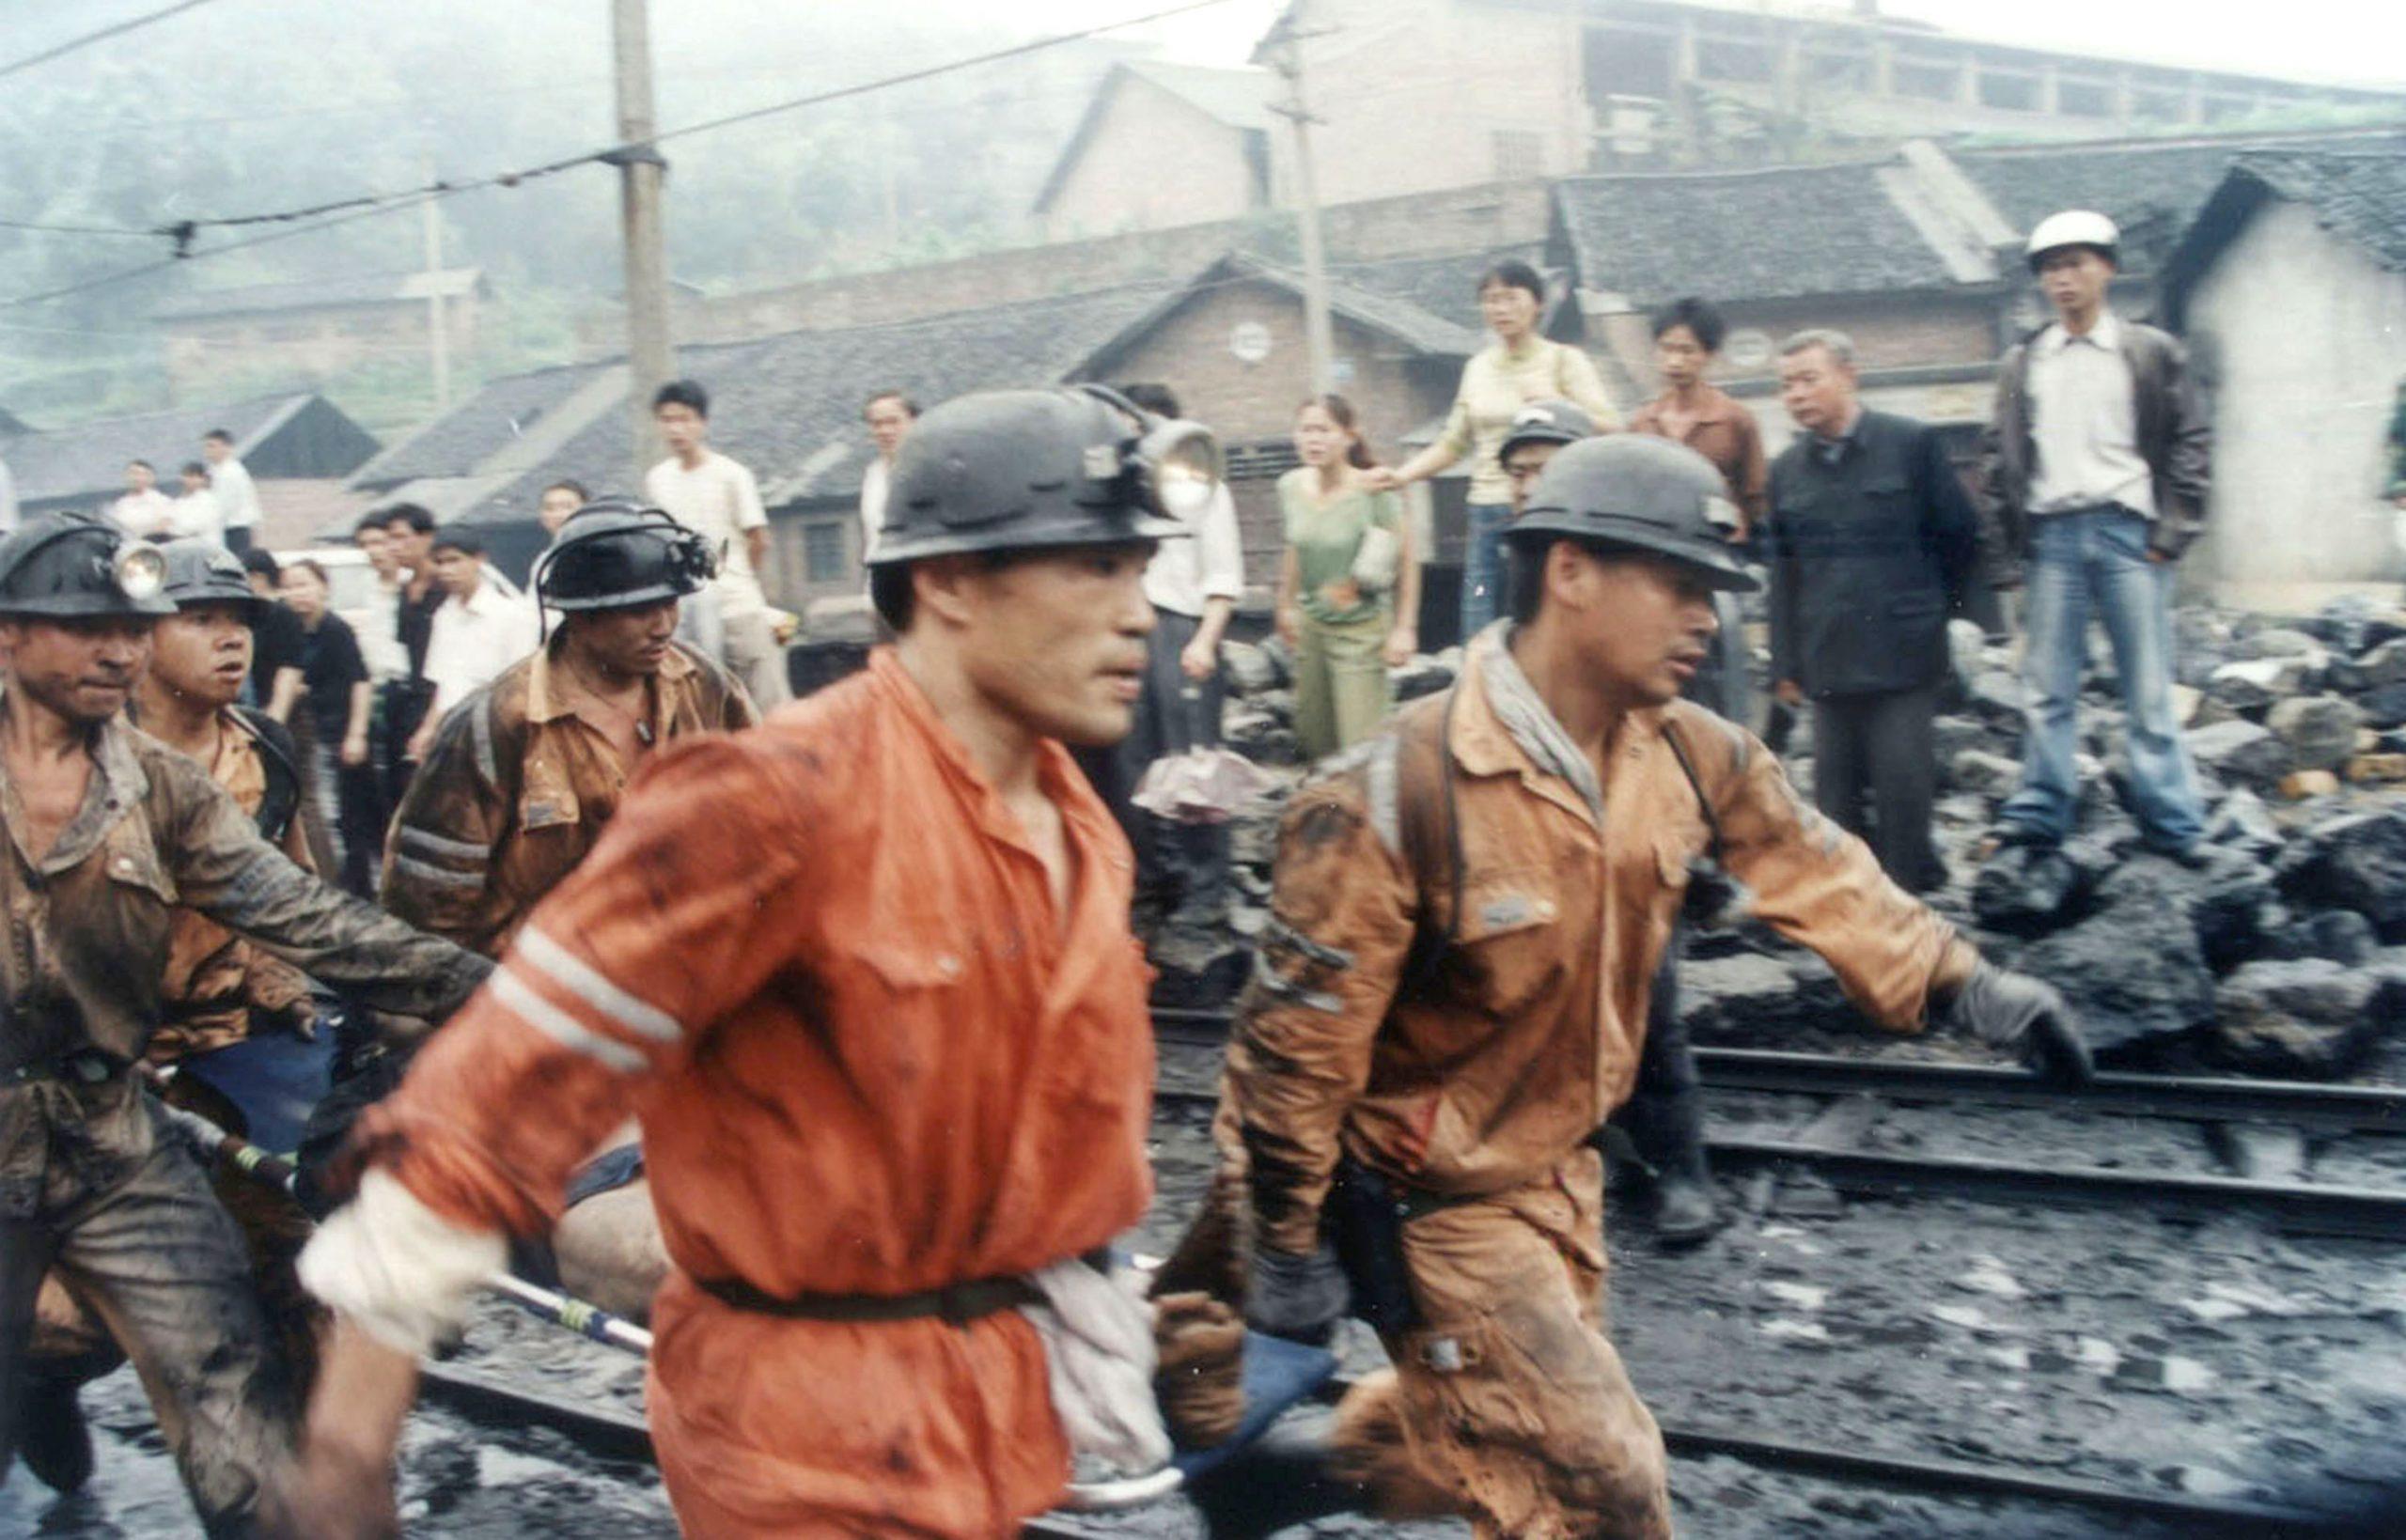 夏小強:中國礦工的命不如一條狗和兩根木頭